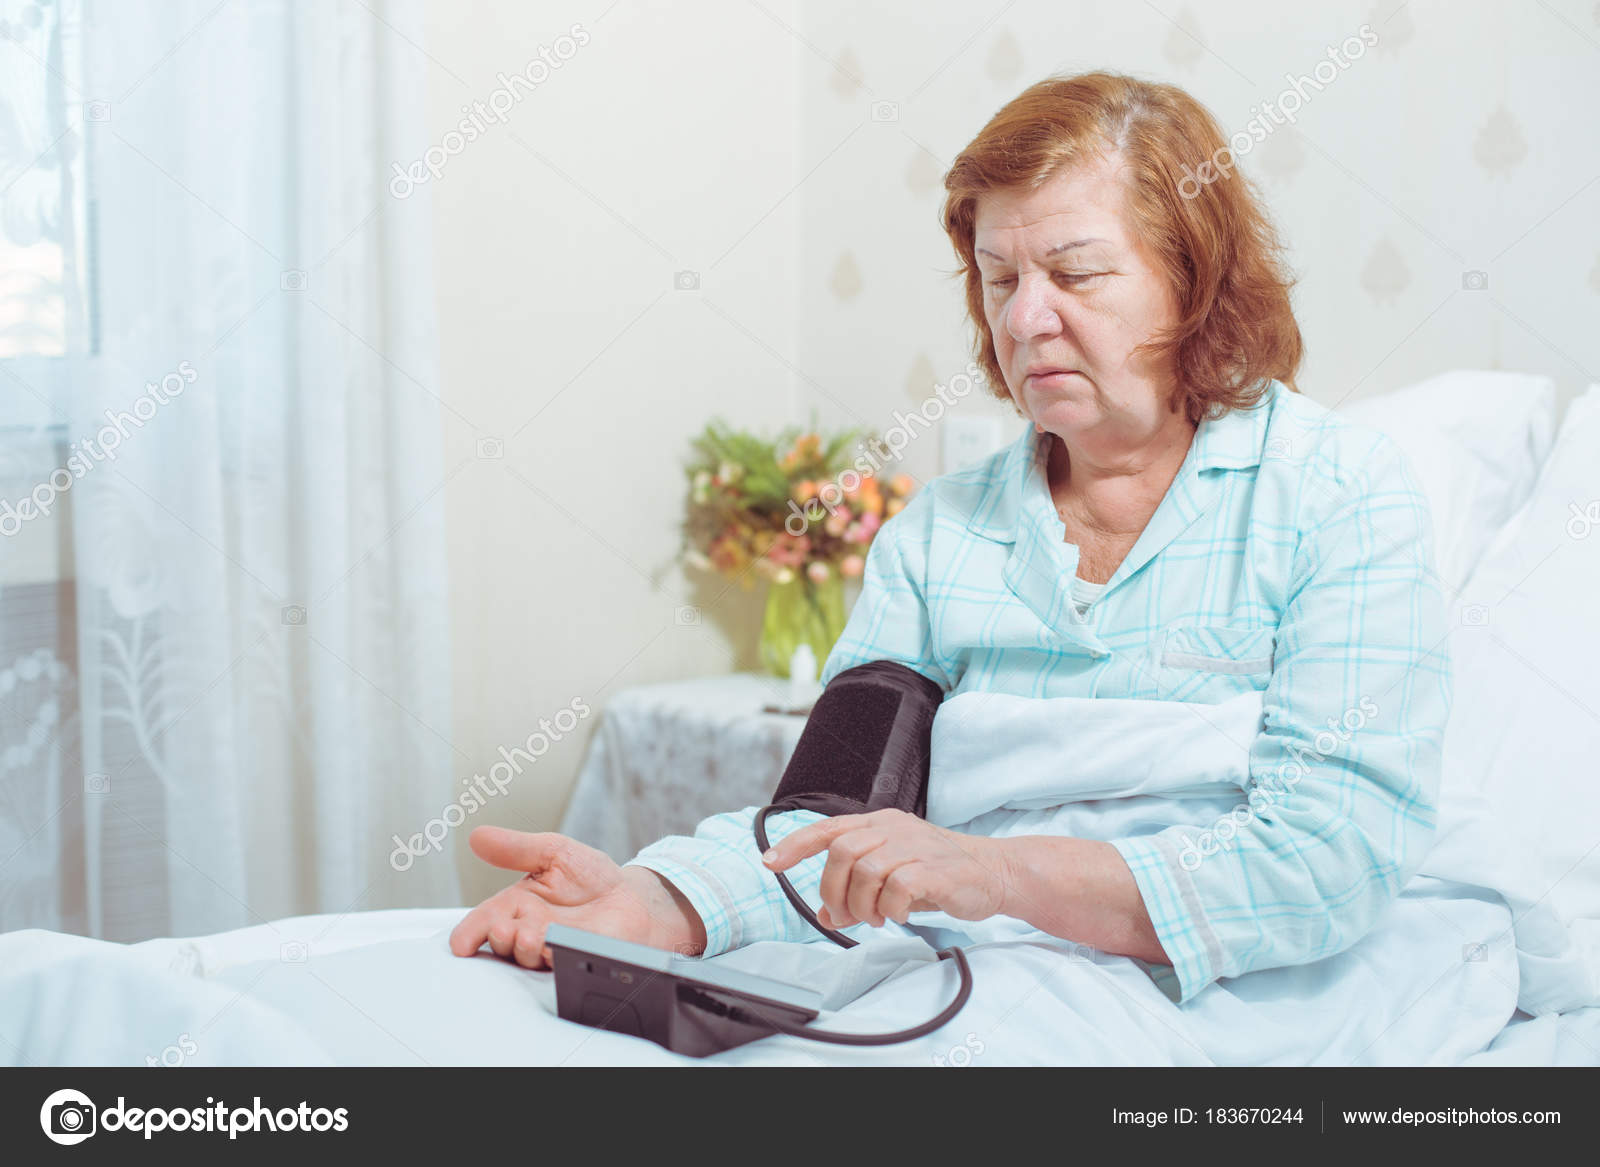 Планшете порно, пожилая женщина в кровати